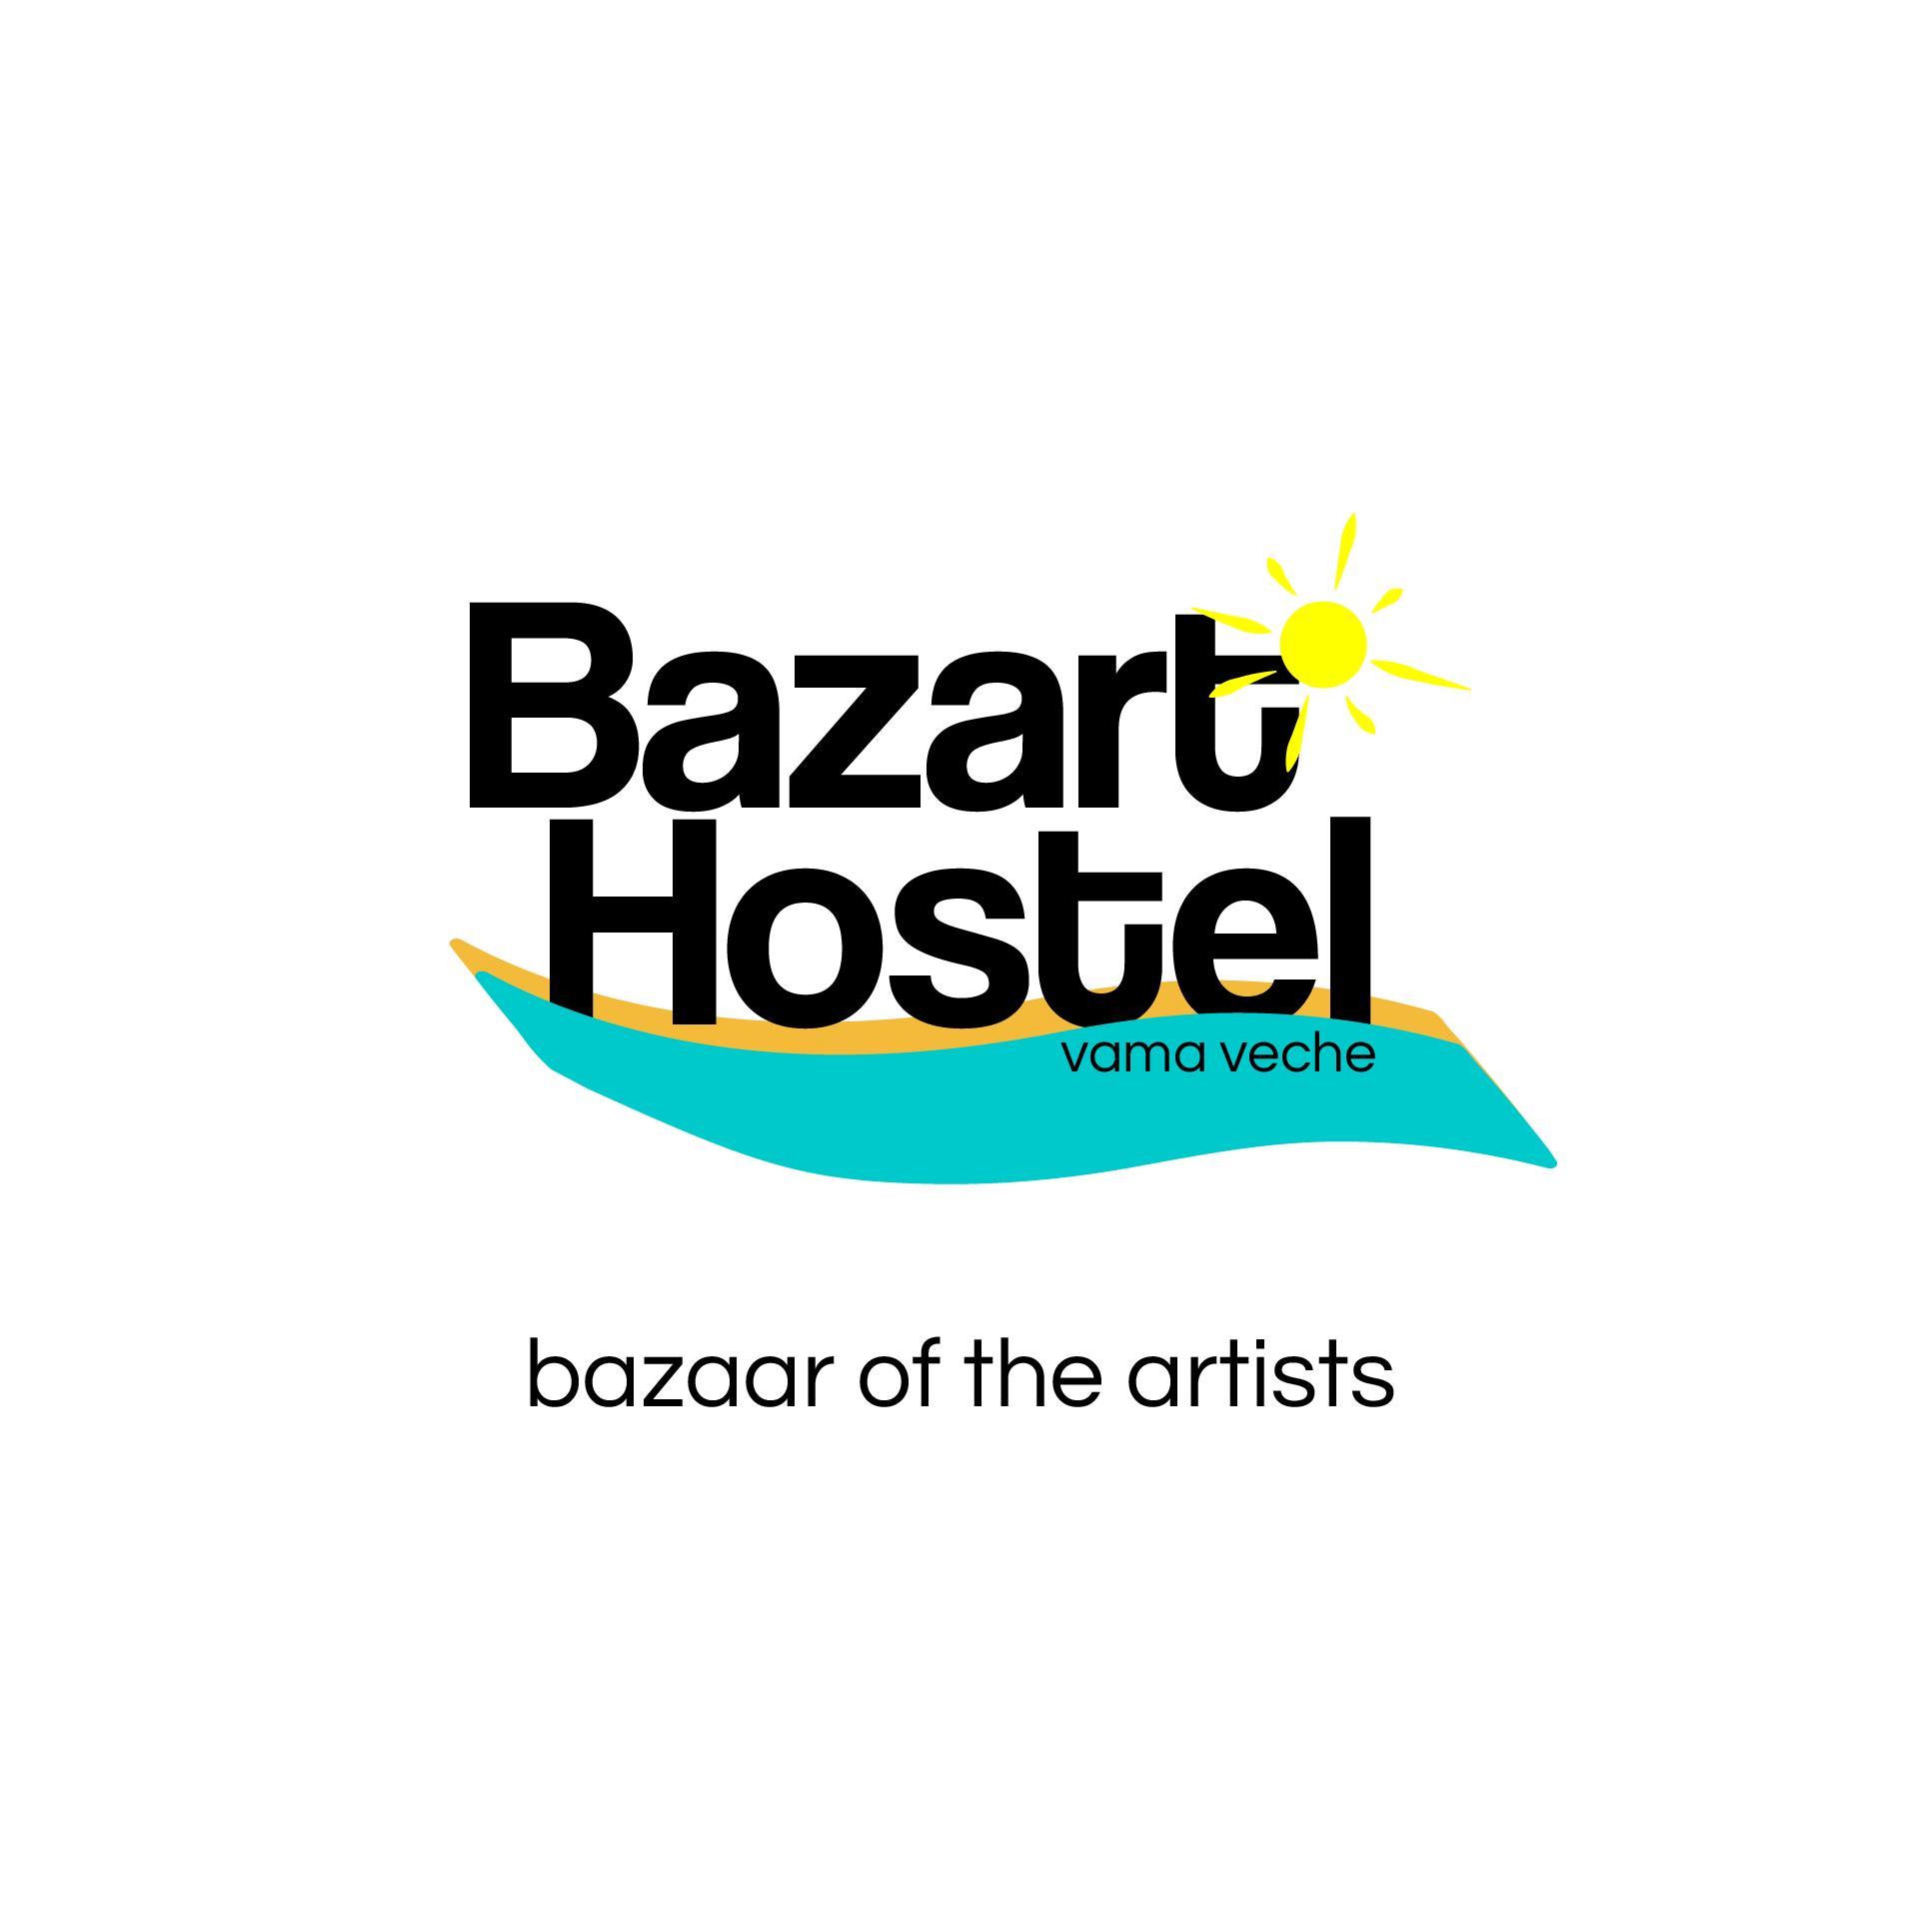 Bazart Hostel Vama Veche